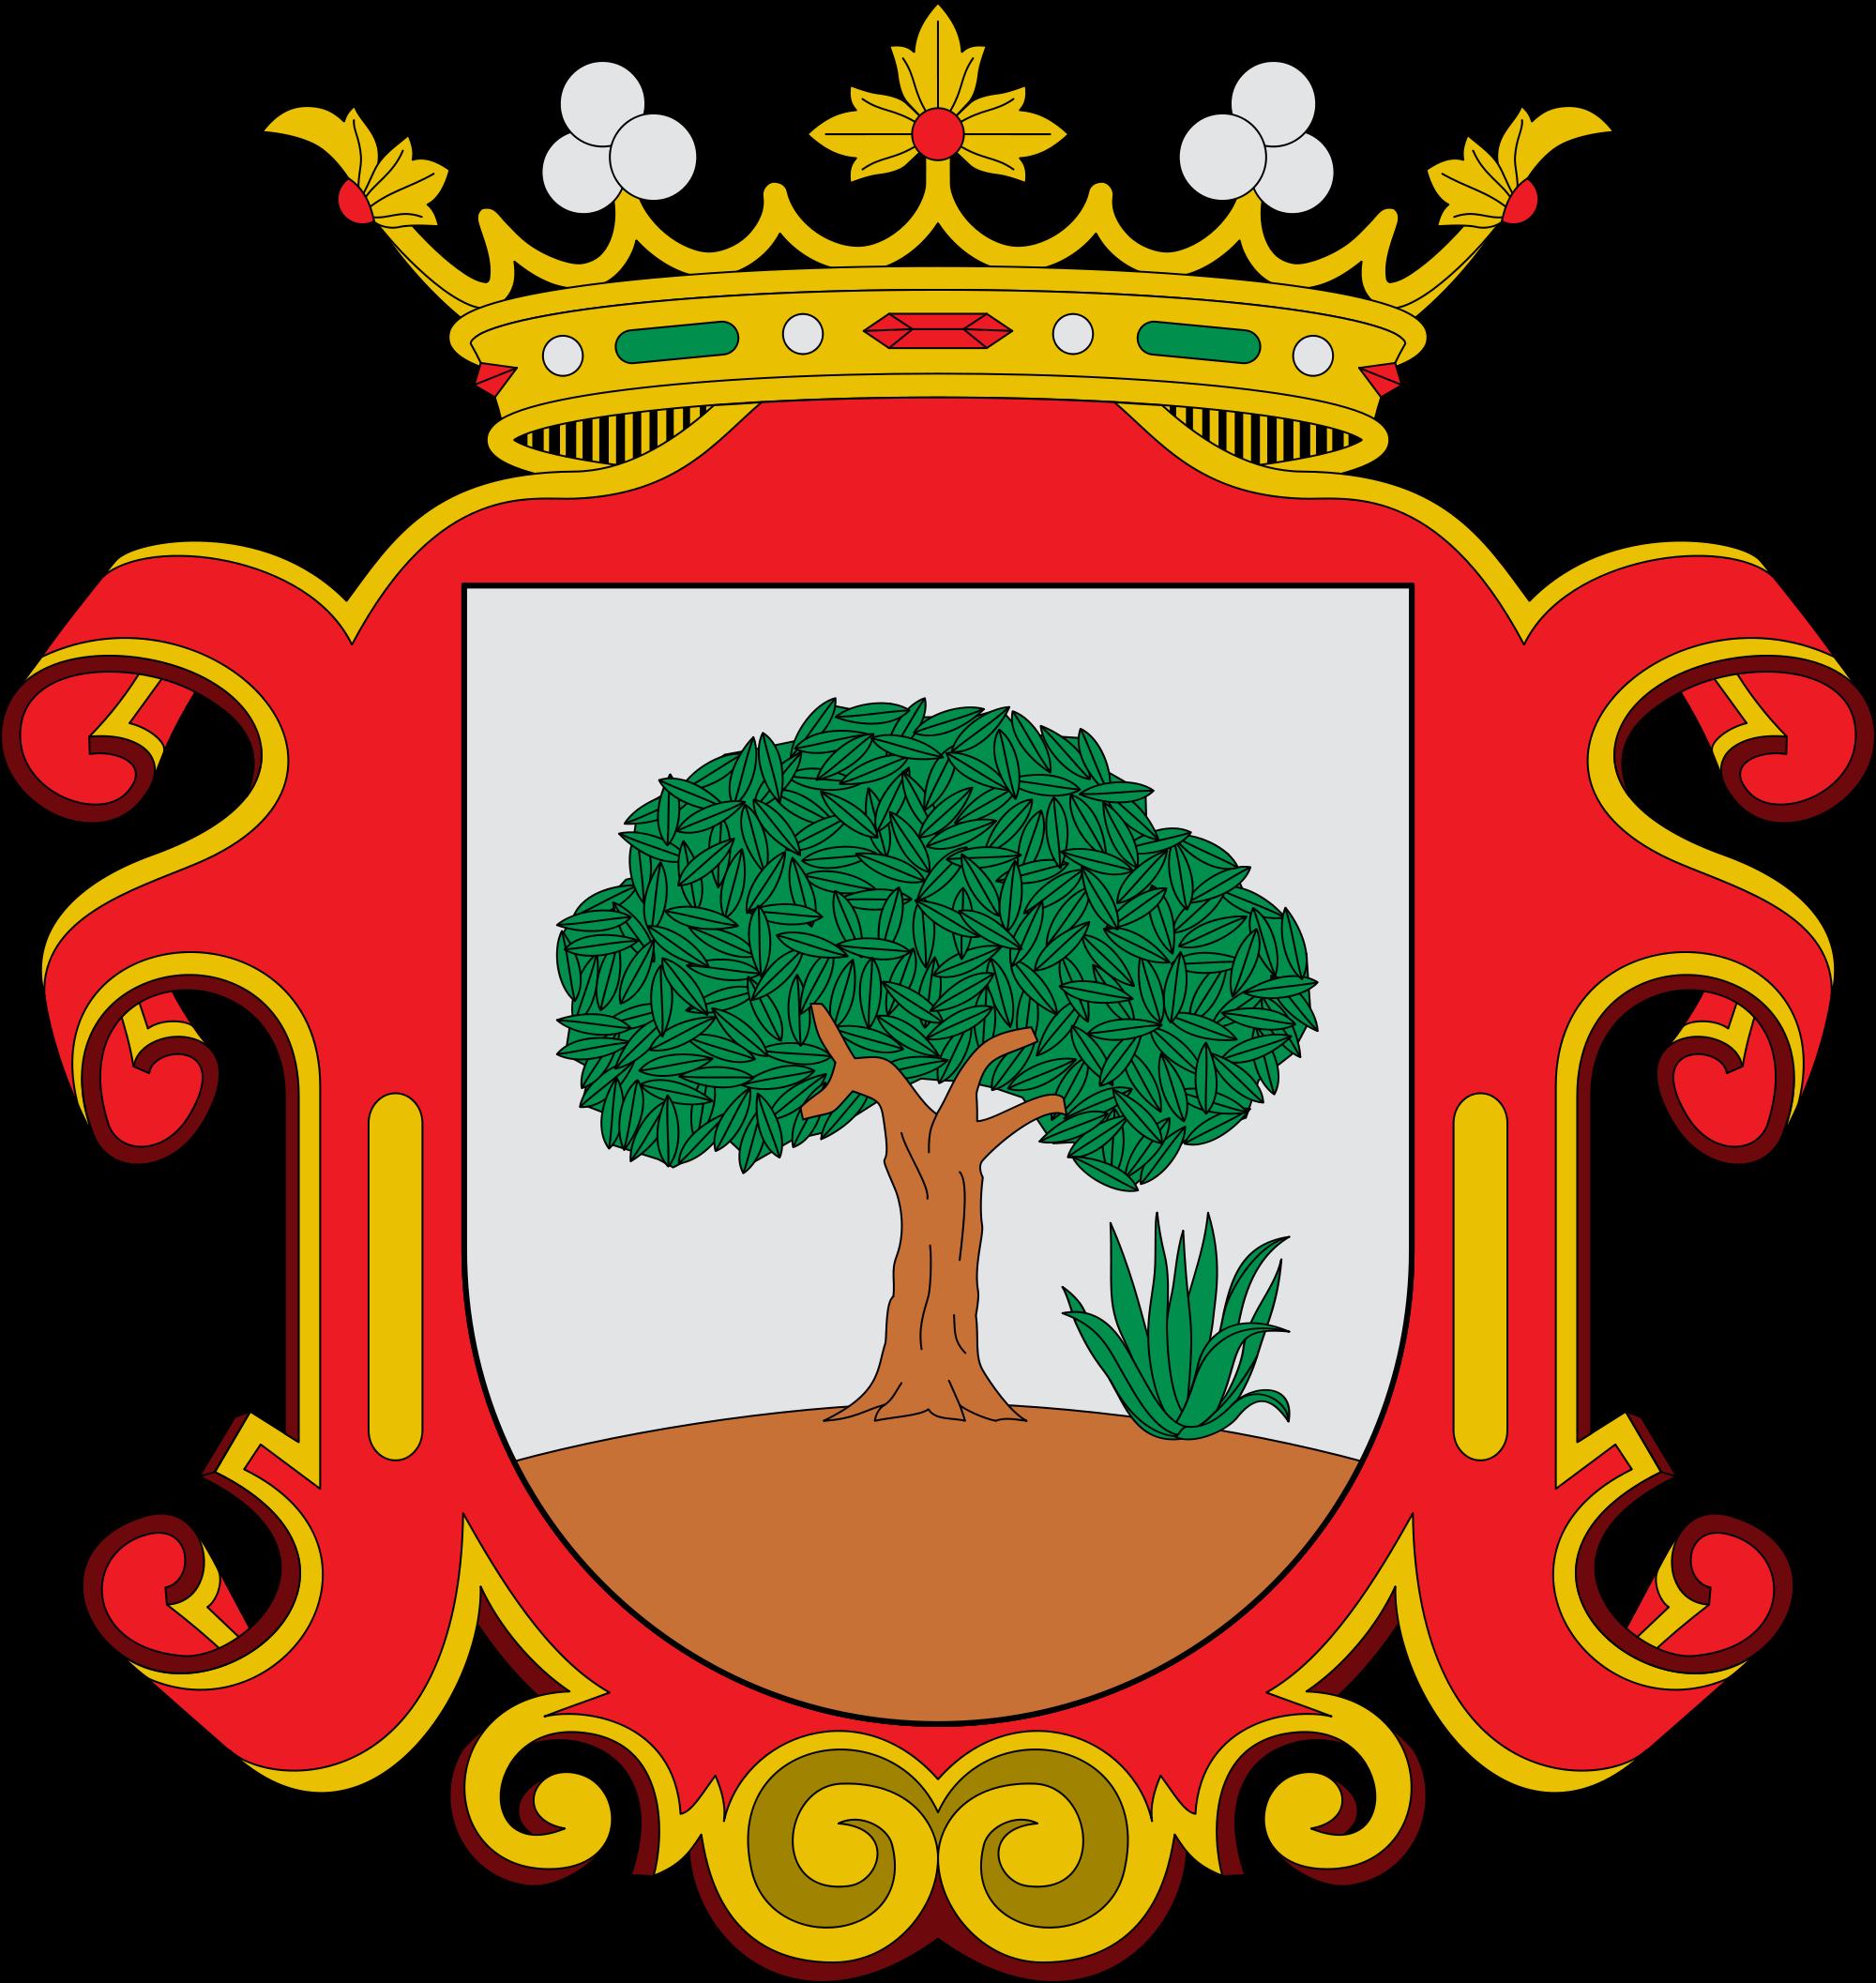 File:Escudo de Brenes (Sevilla).svg.